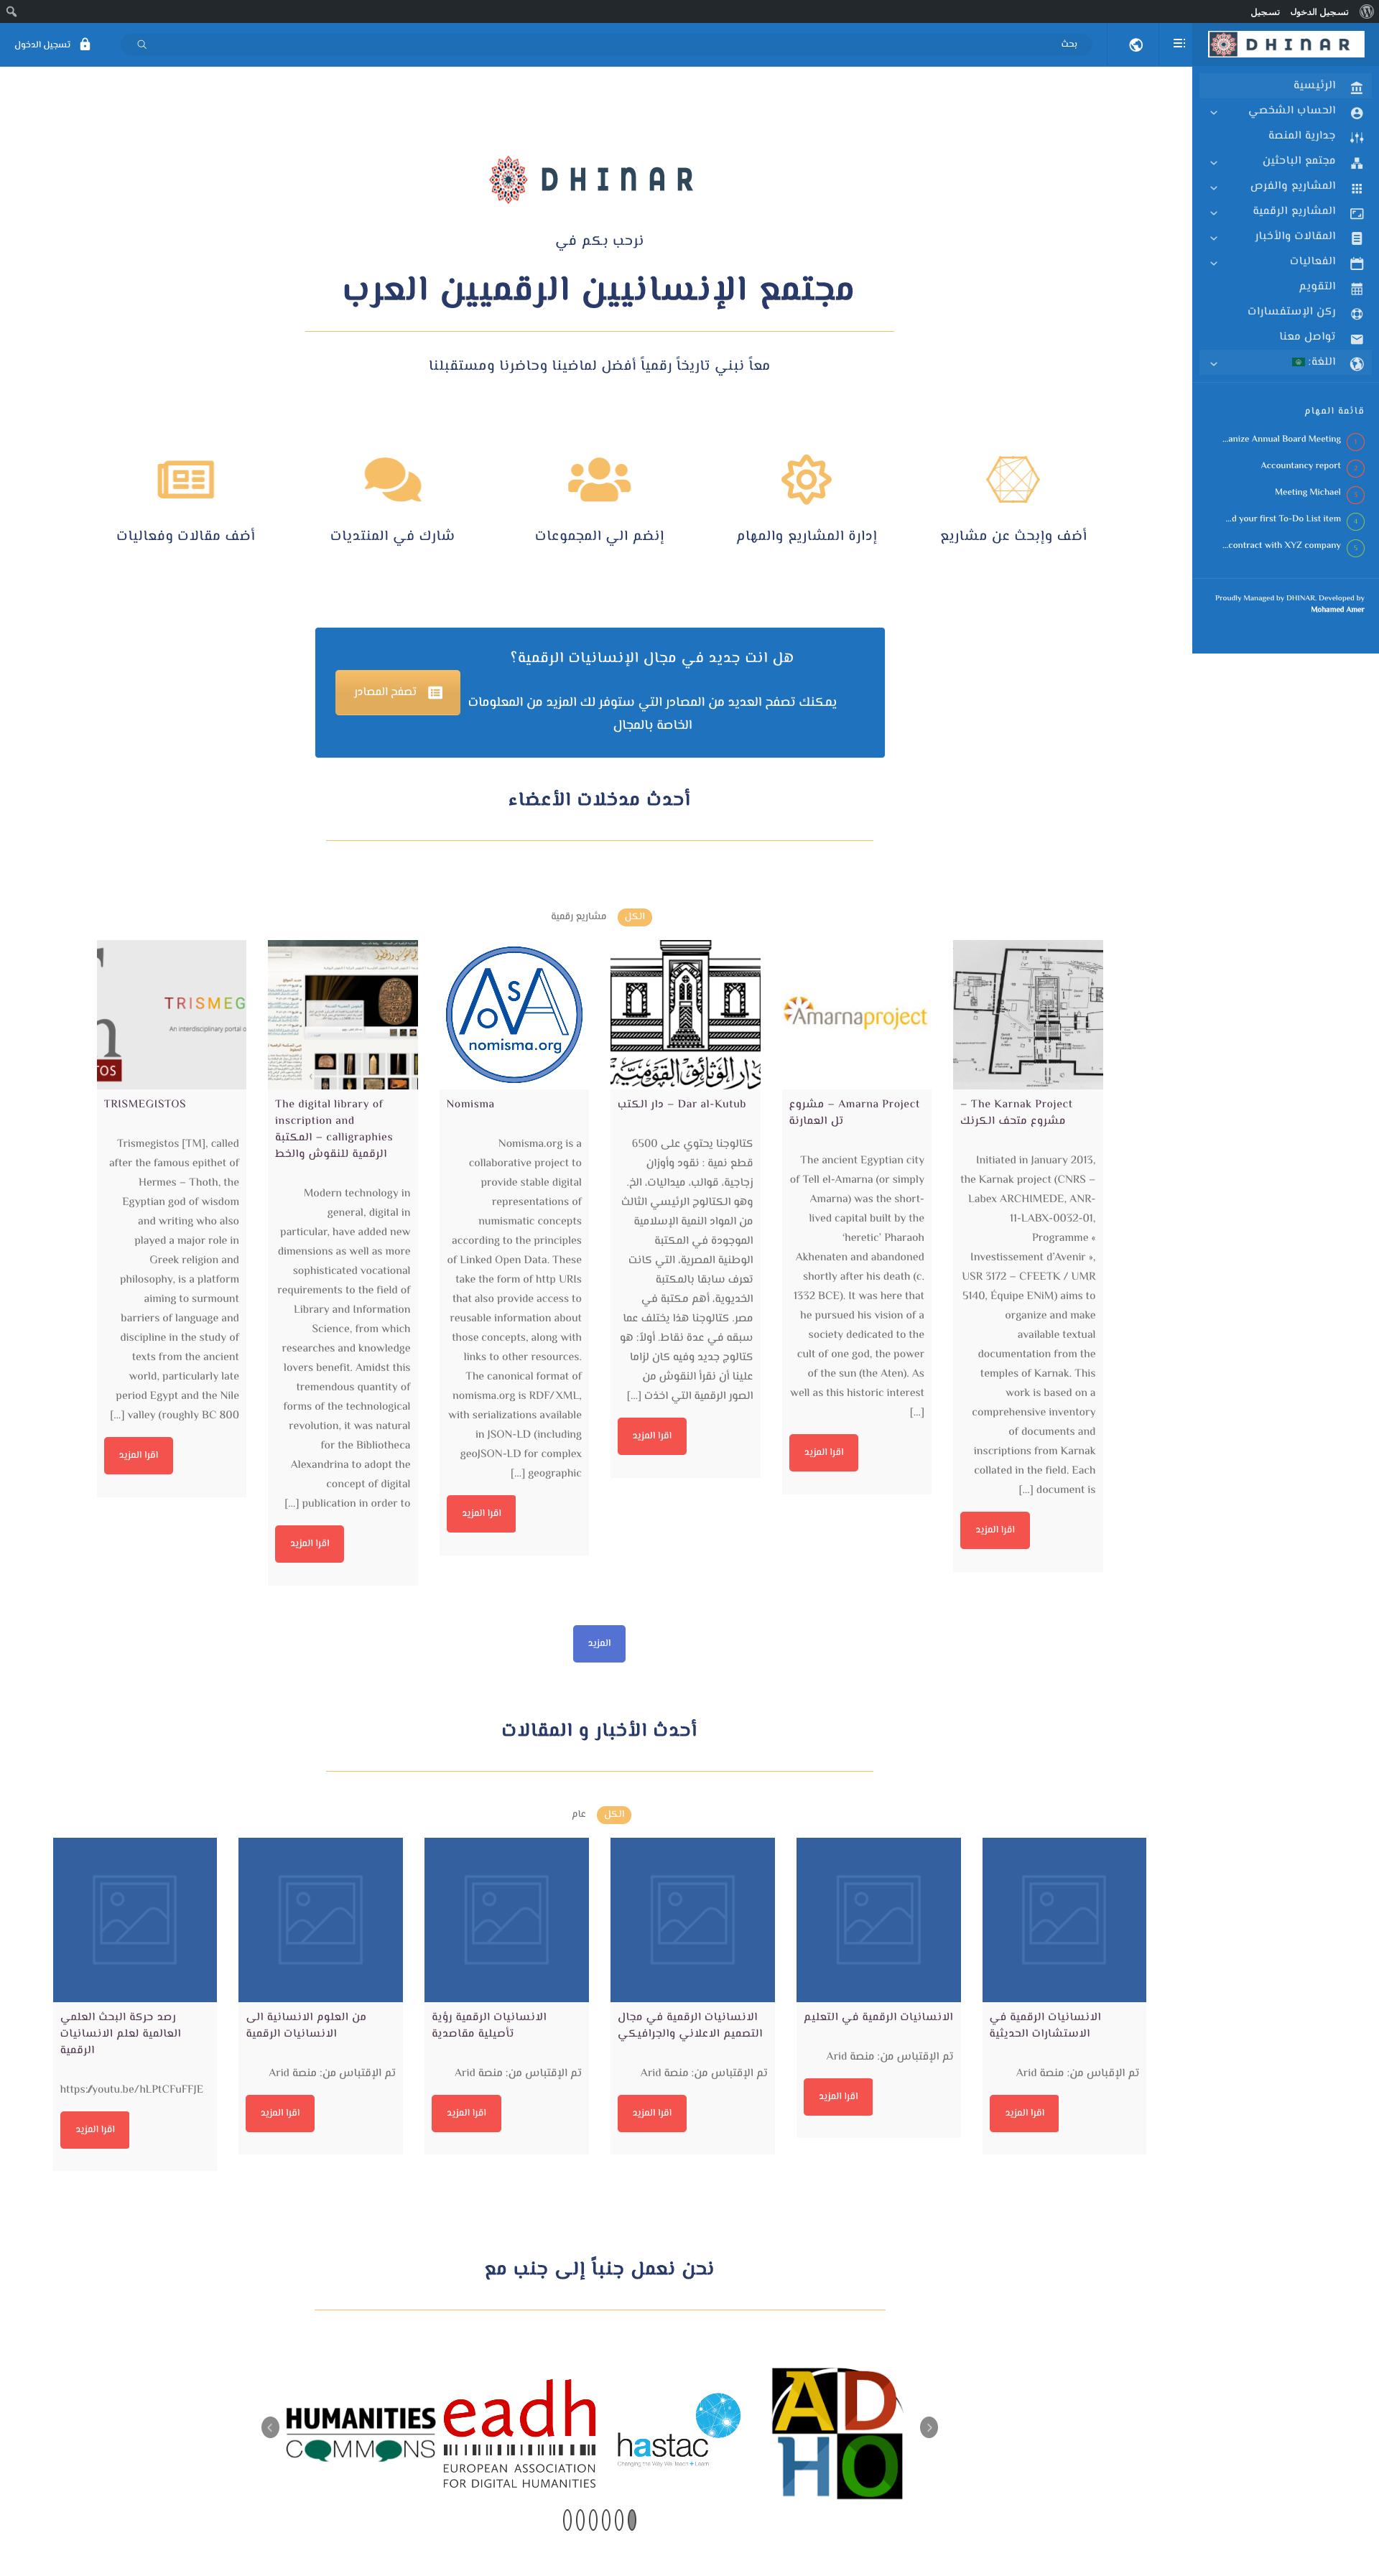 مجتمع الإنسانيين الرقميين العرب